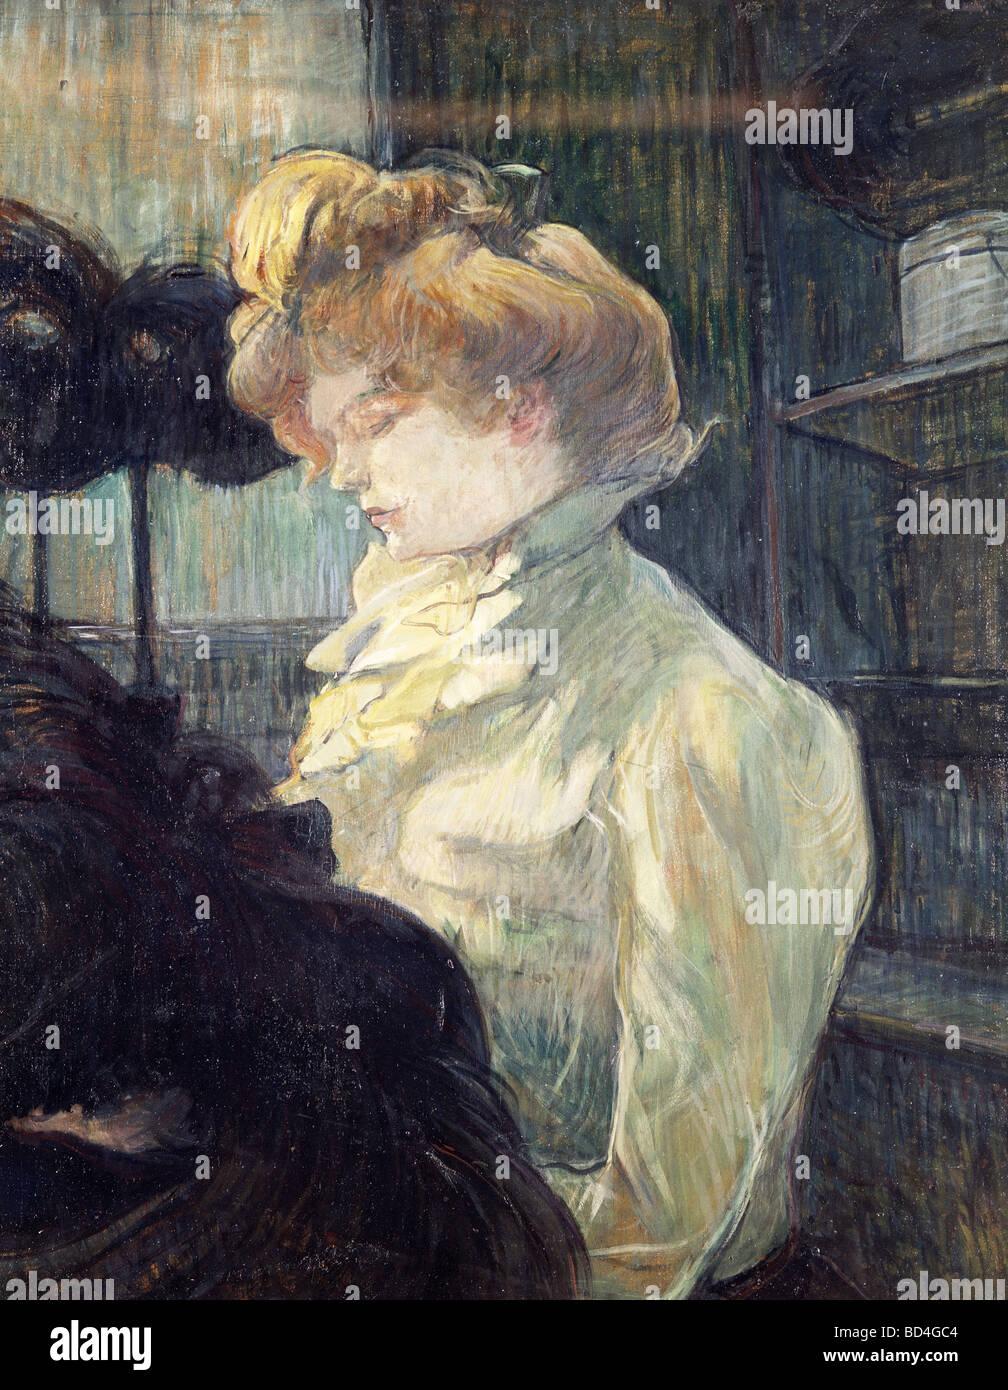 Belle arti, Toulouse-Lautrec Henri de (1864 - 1901), pittura, 'La Modiste', 1900, Museo Albi, Europa Francia, Art Foto Stock